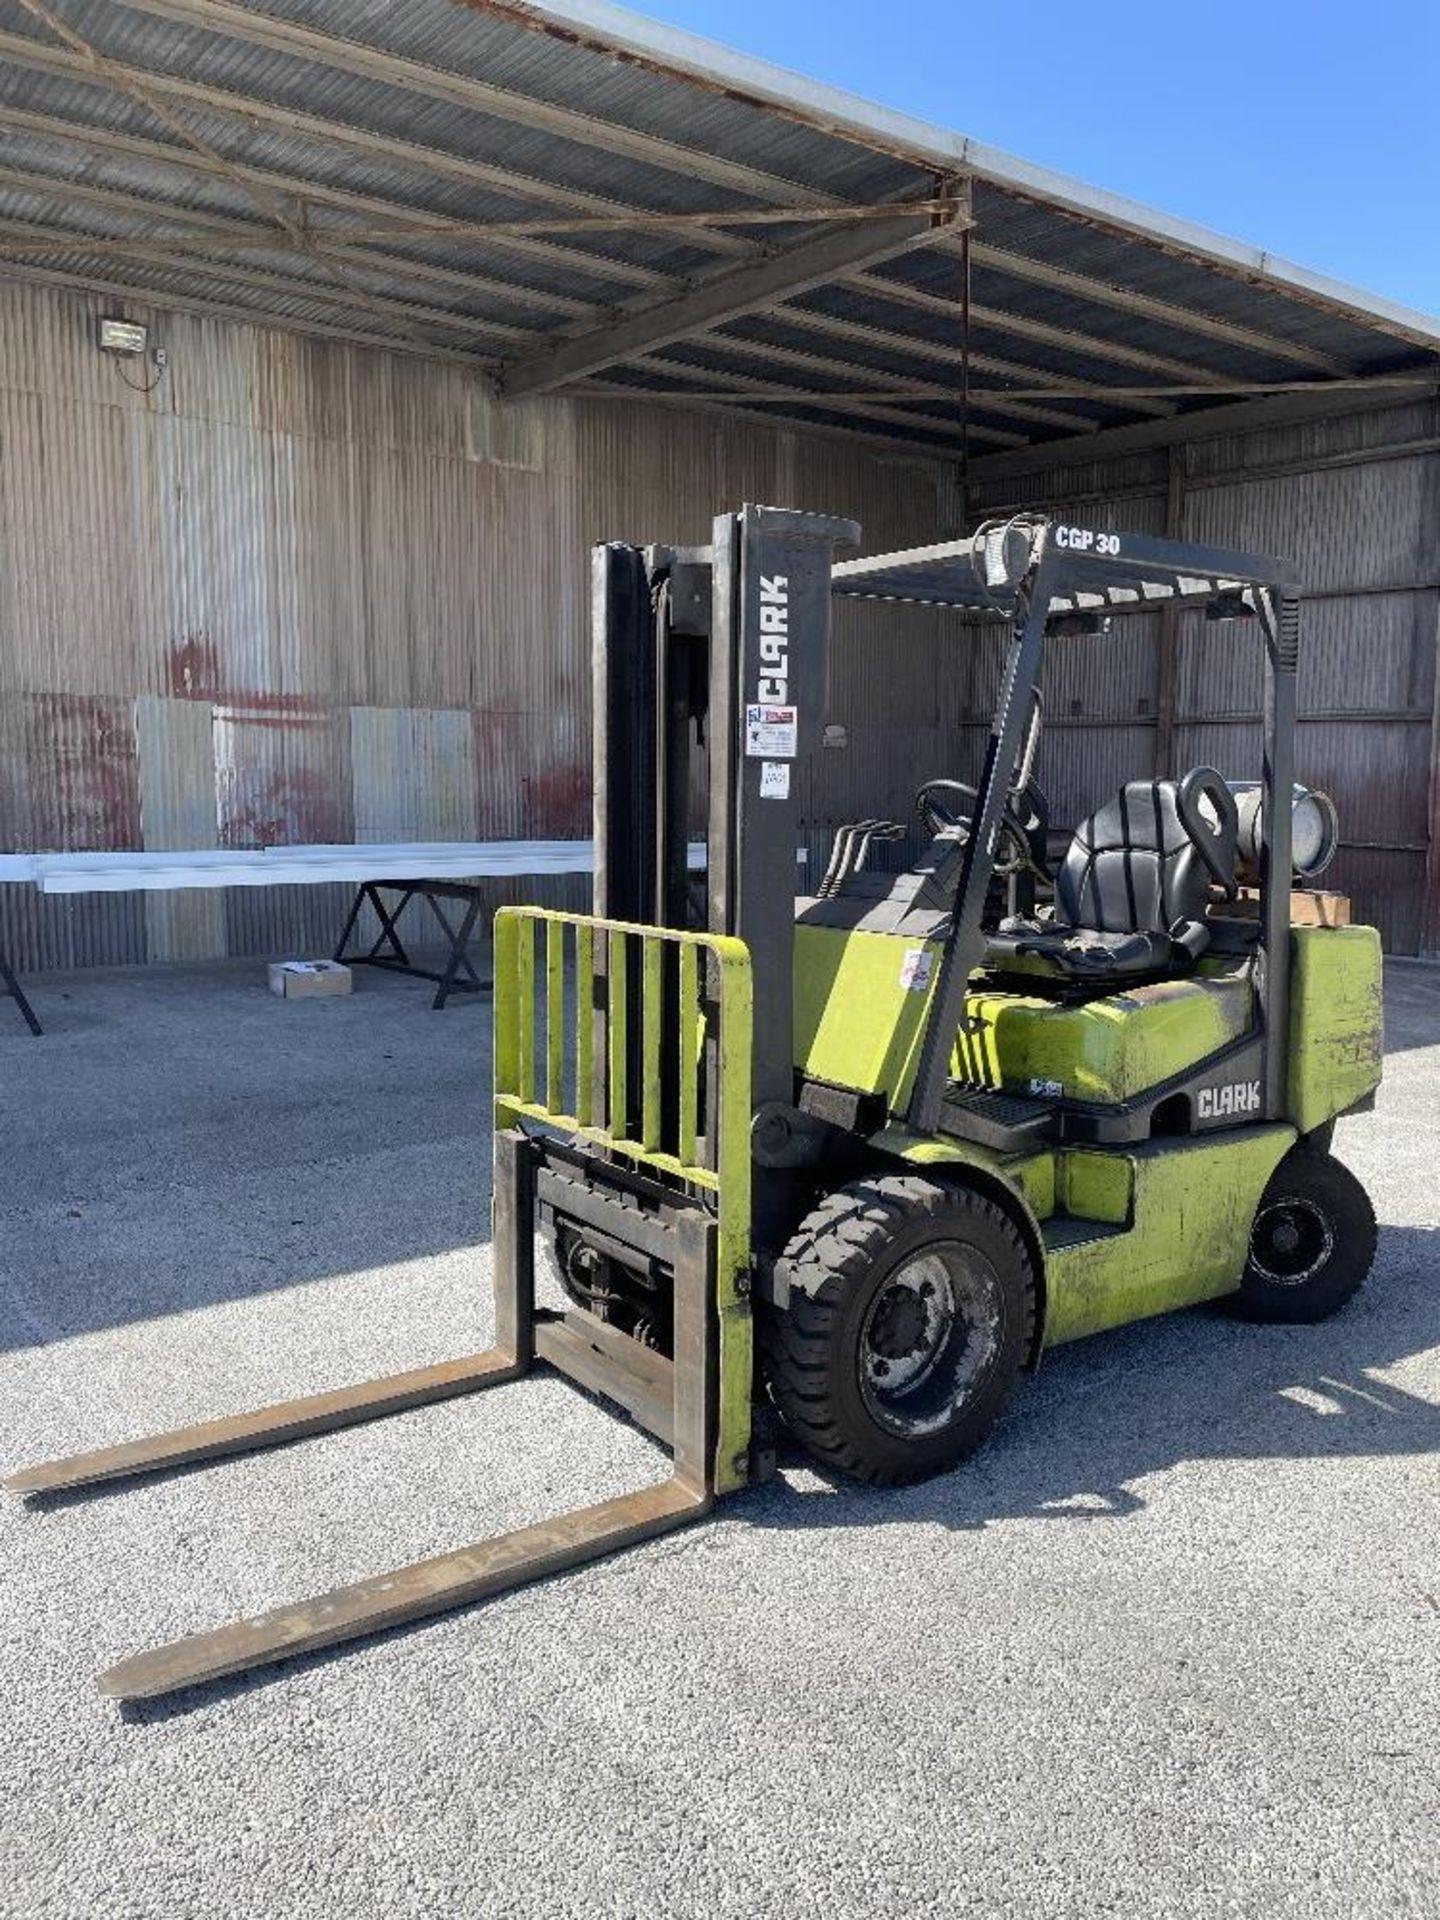 (1) Clark CGP30 Forklift- 5,500 lb cap, 2 stage mast, soft tires, side shift, 4' forks, 10,338